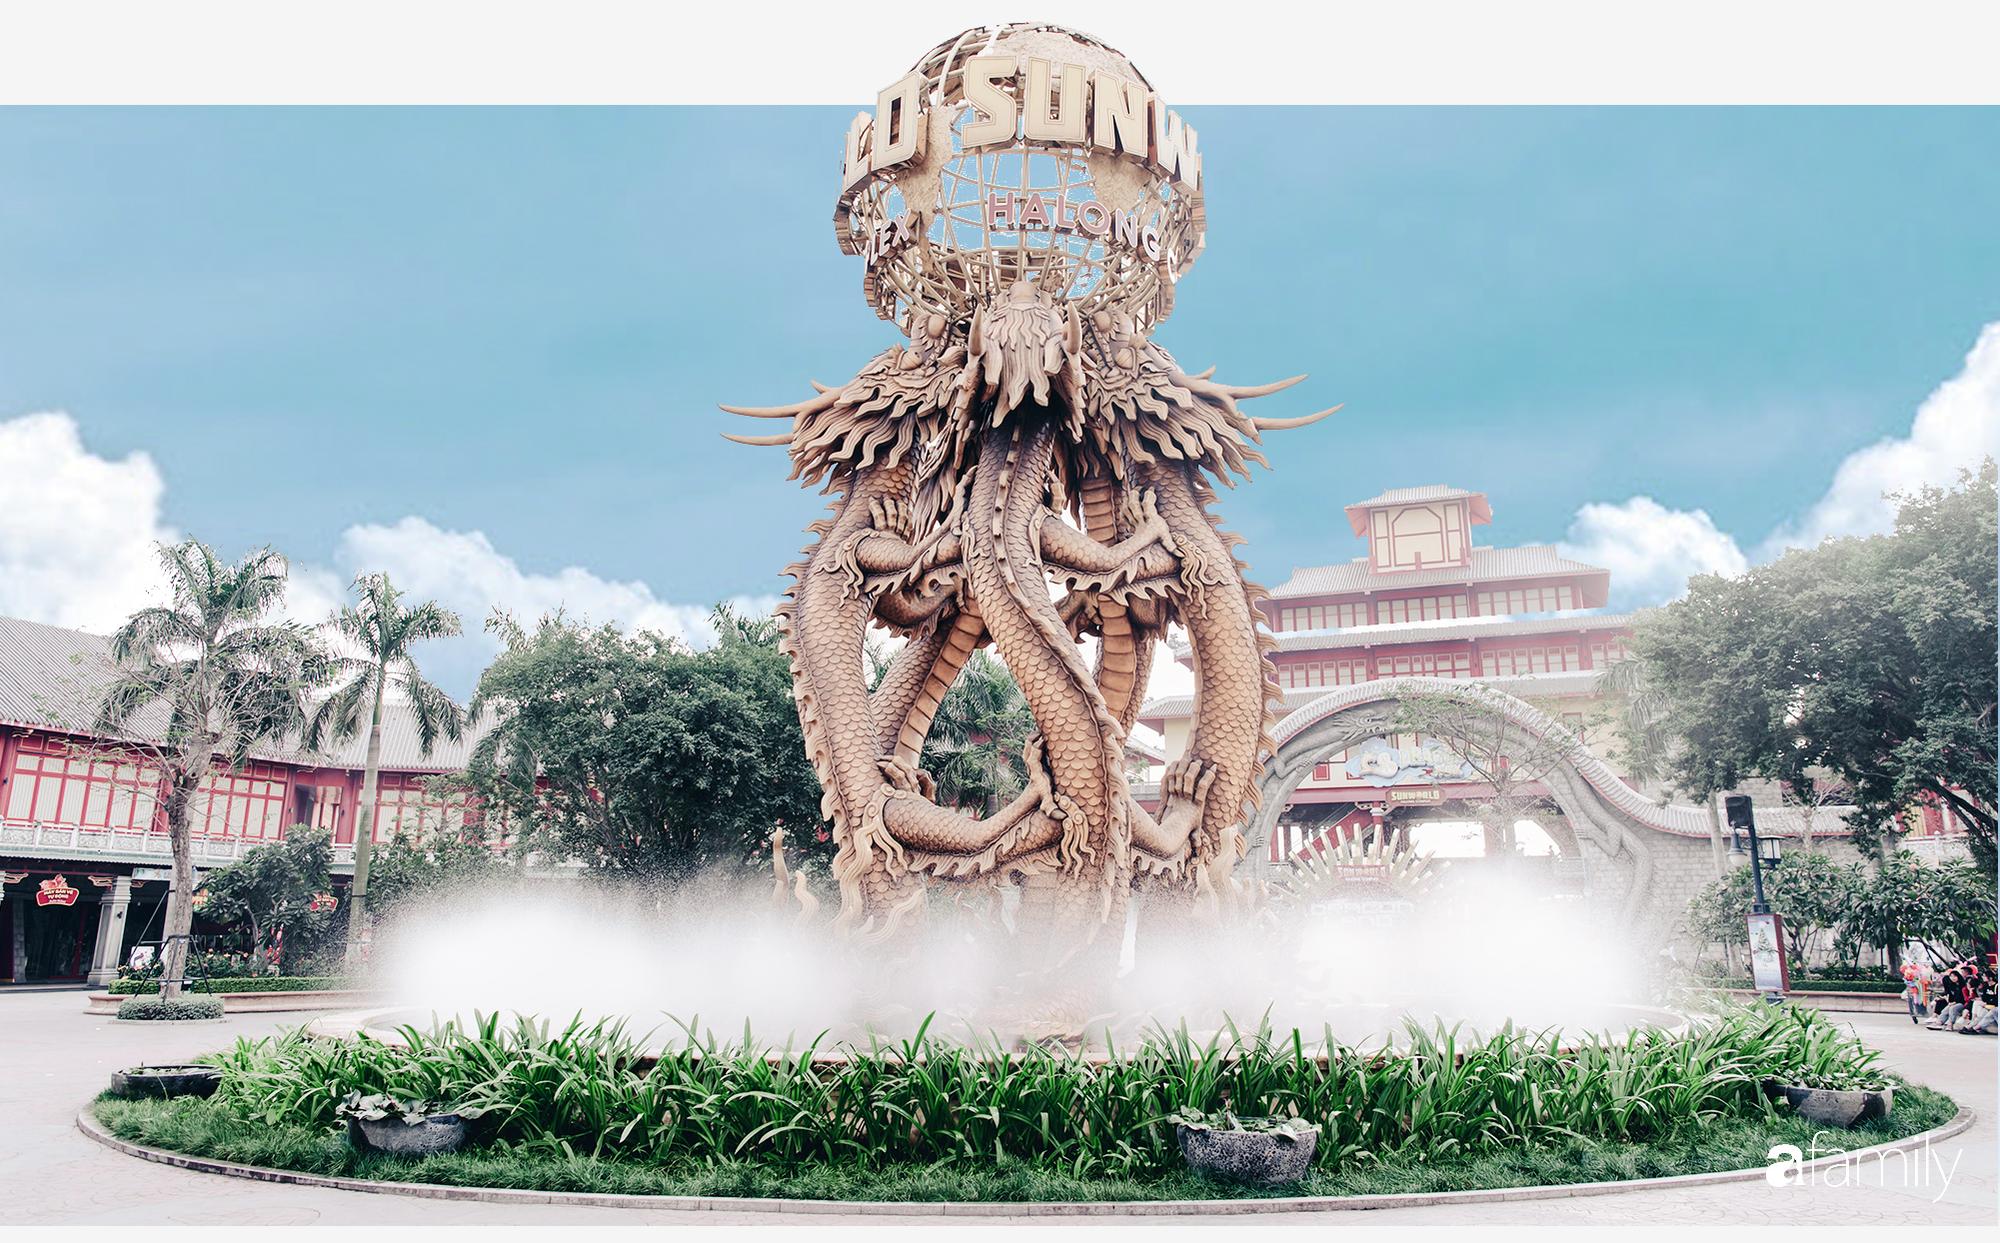 """3 ngày 2 đêm ở Quảng Ninh: Đi để biết """"xứ sở vàng đen"""" vẫn còn quá nhiều kỳ diệu để khám phá cùng nhau! - Ảnh 23."""